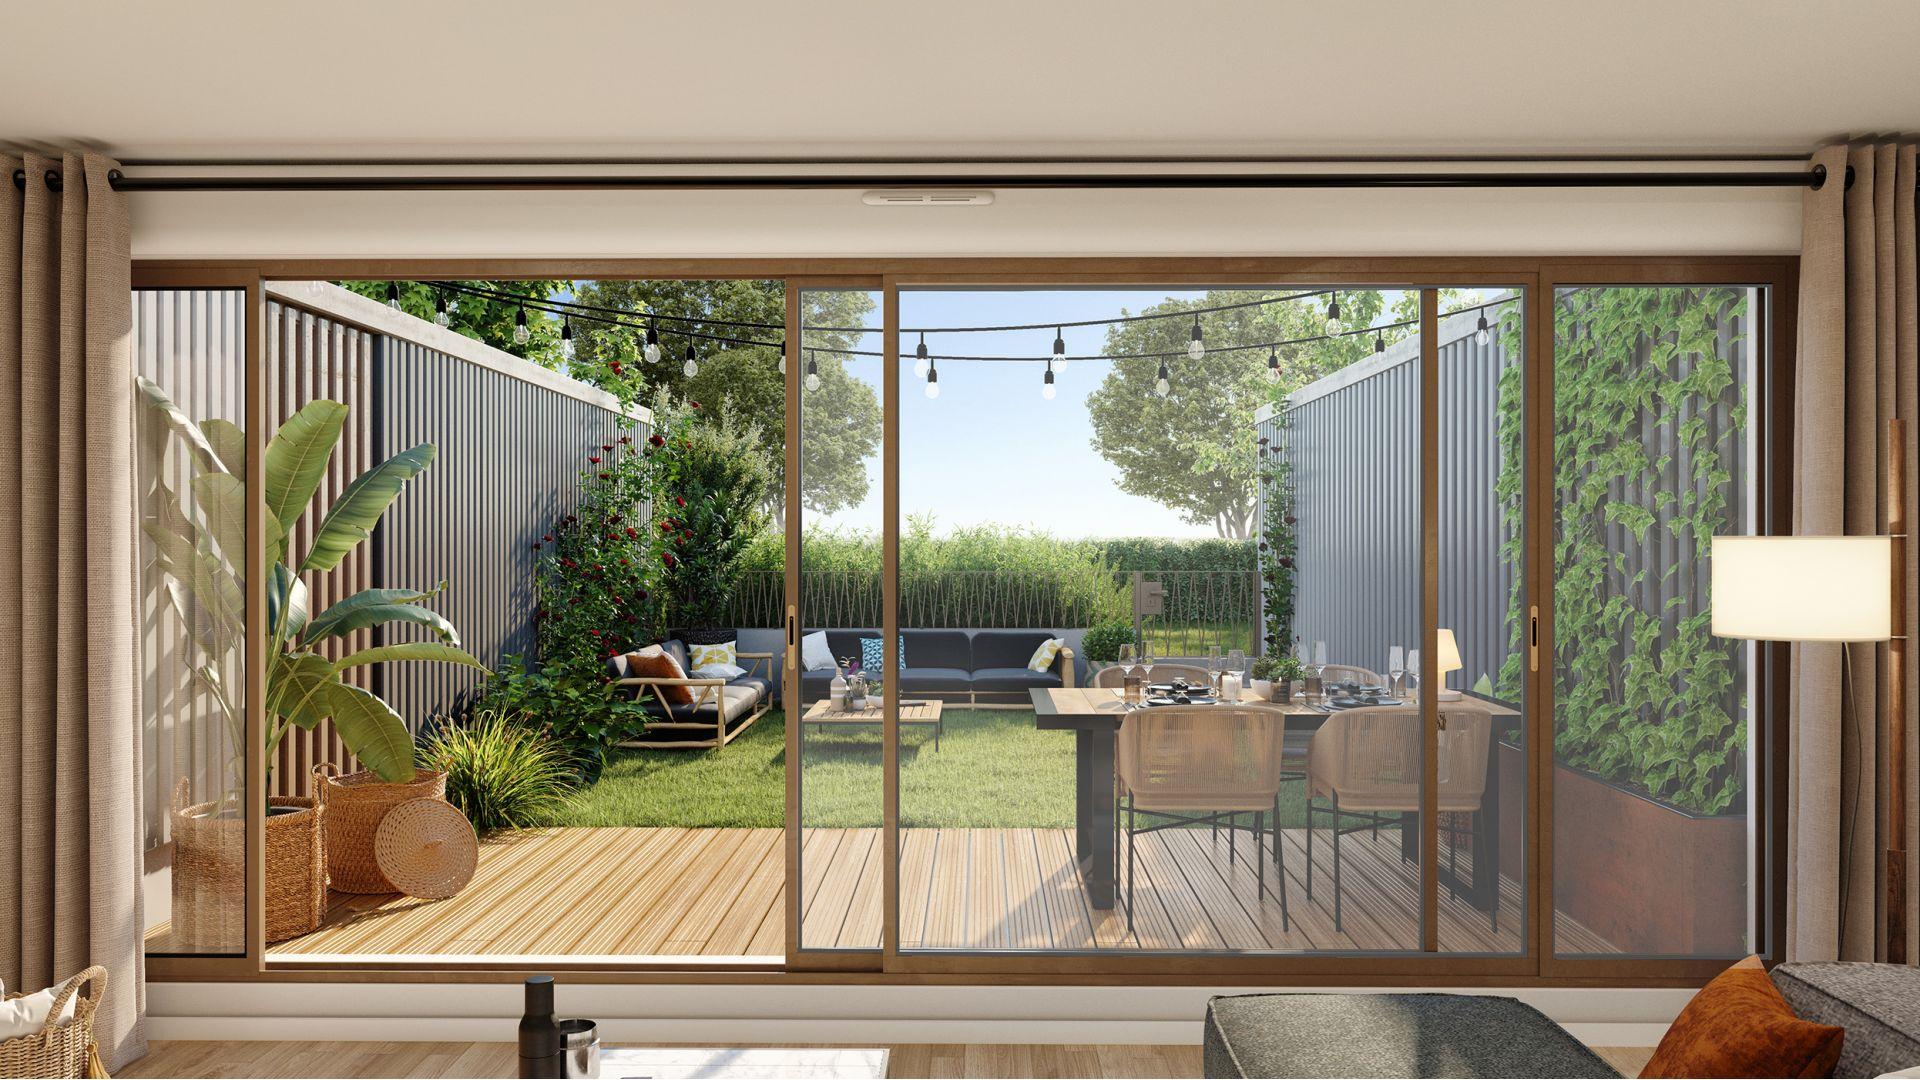 Greencity Immobilier - Résidence Carré Flore - 31700 Cornebarrieu - achat immobilier neuf - appartements et villas  du T2 au T5 - terrassse